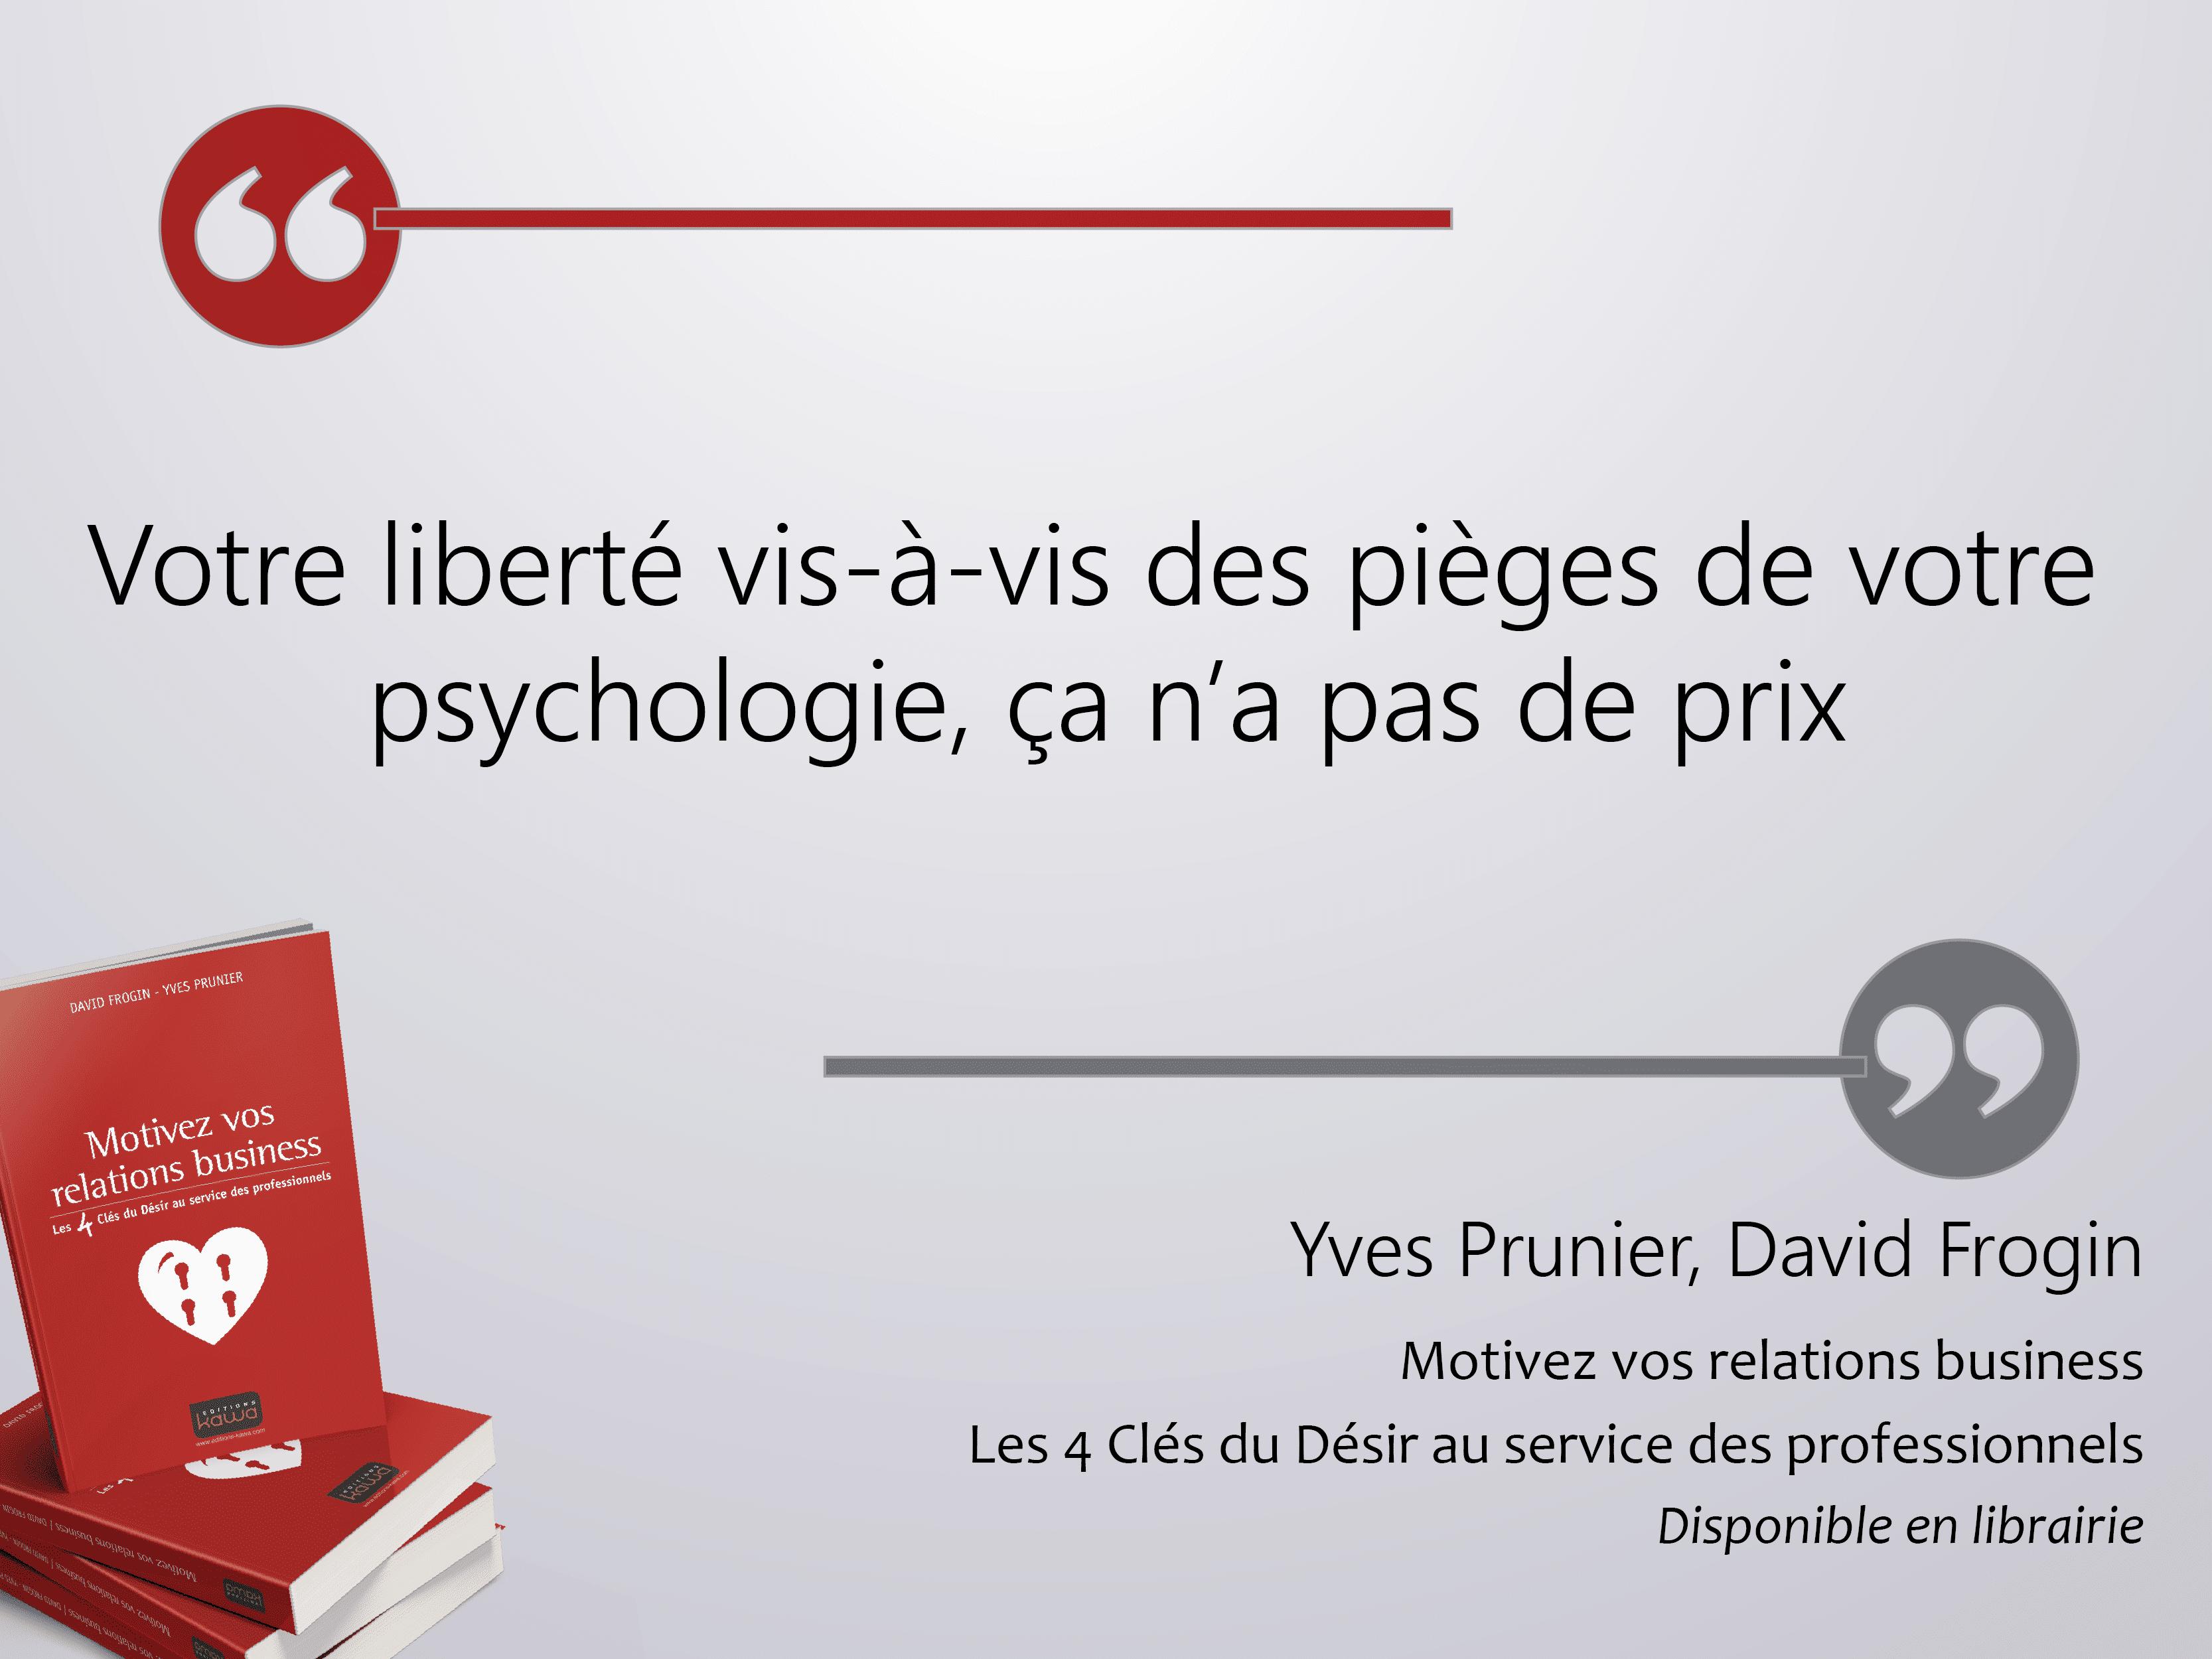 liberté psychologie les 4 clés du désir décentrage